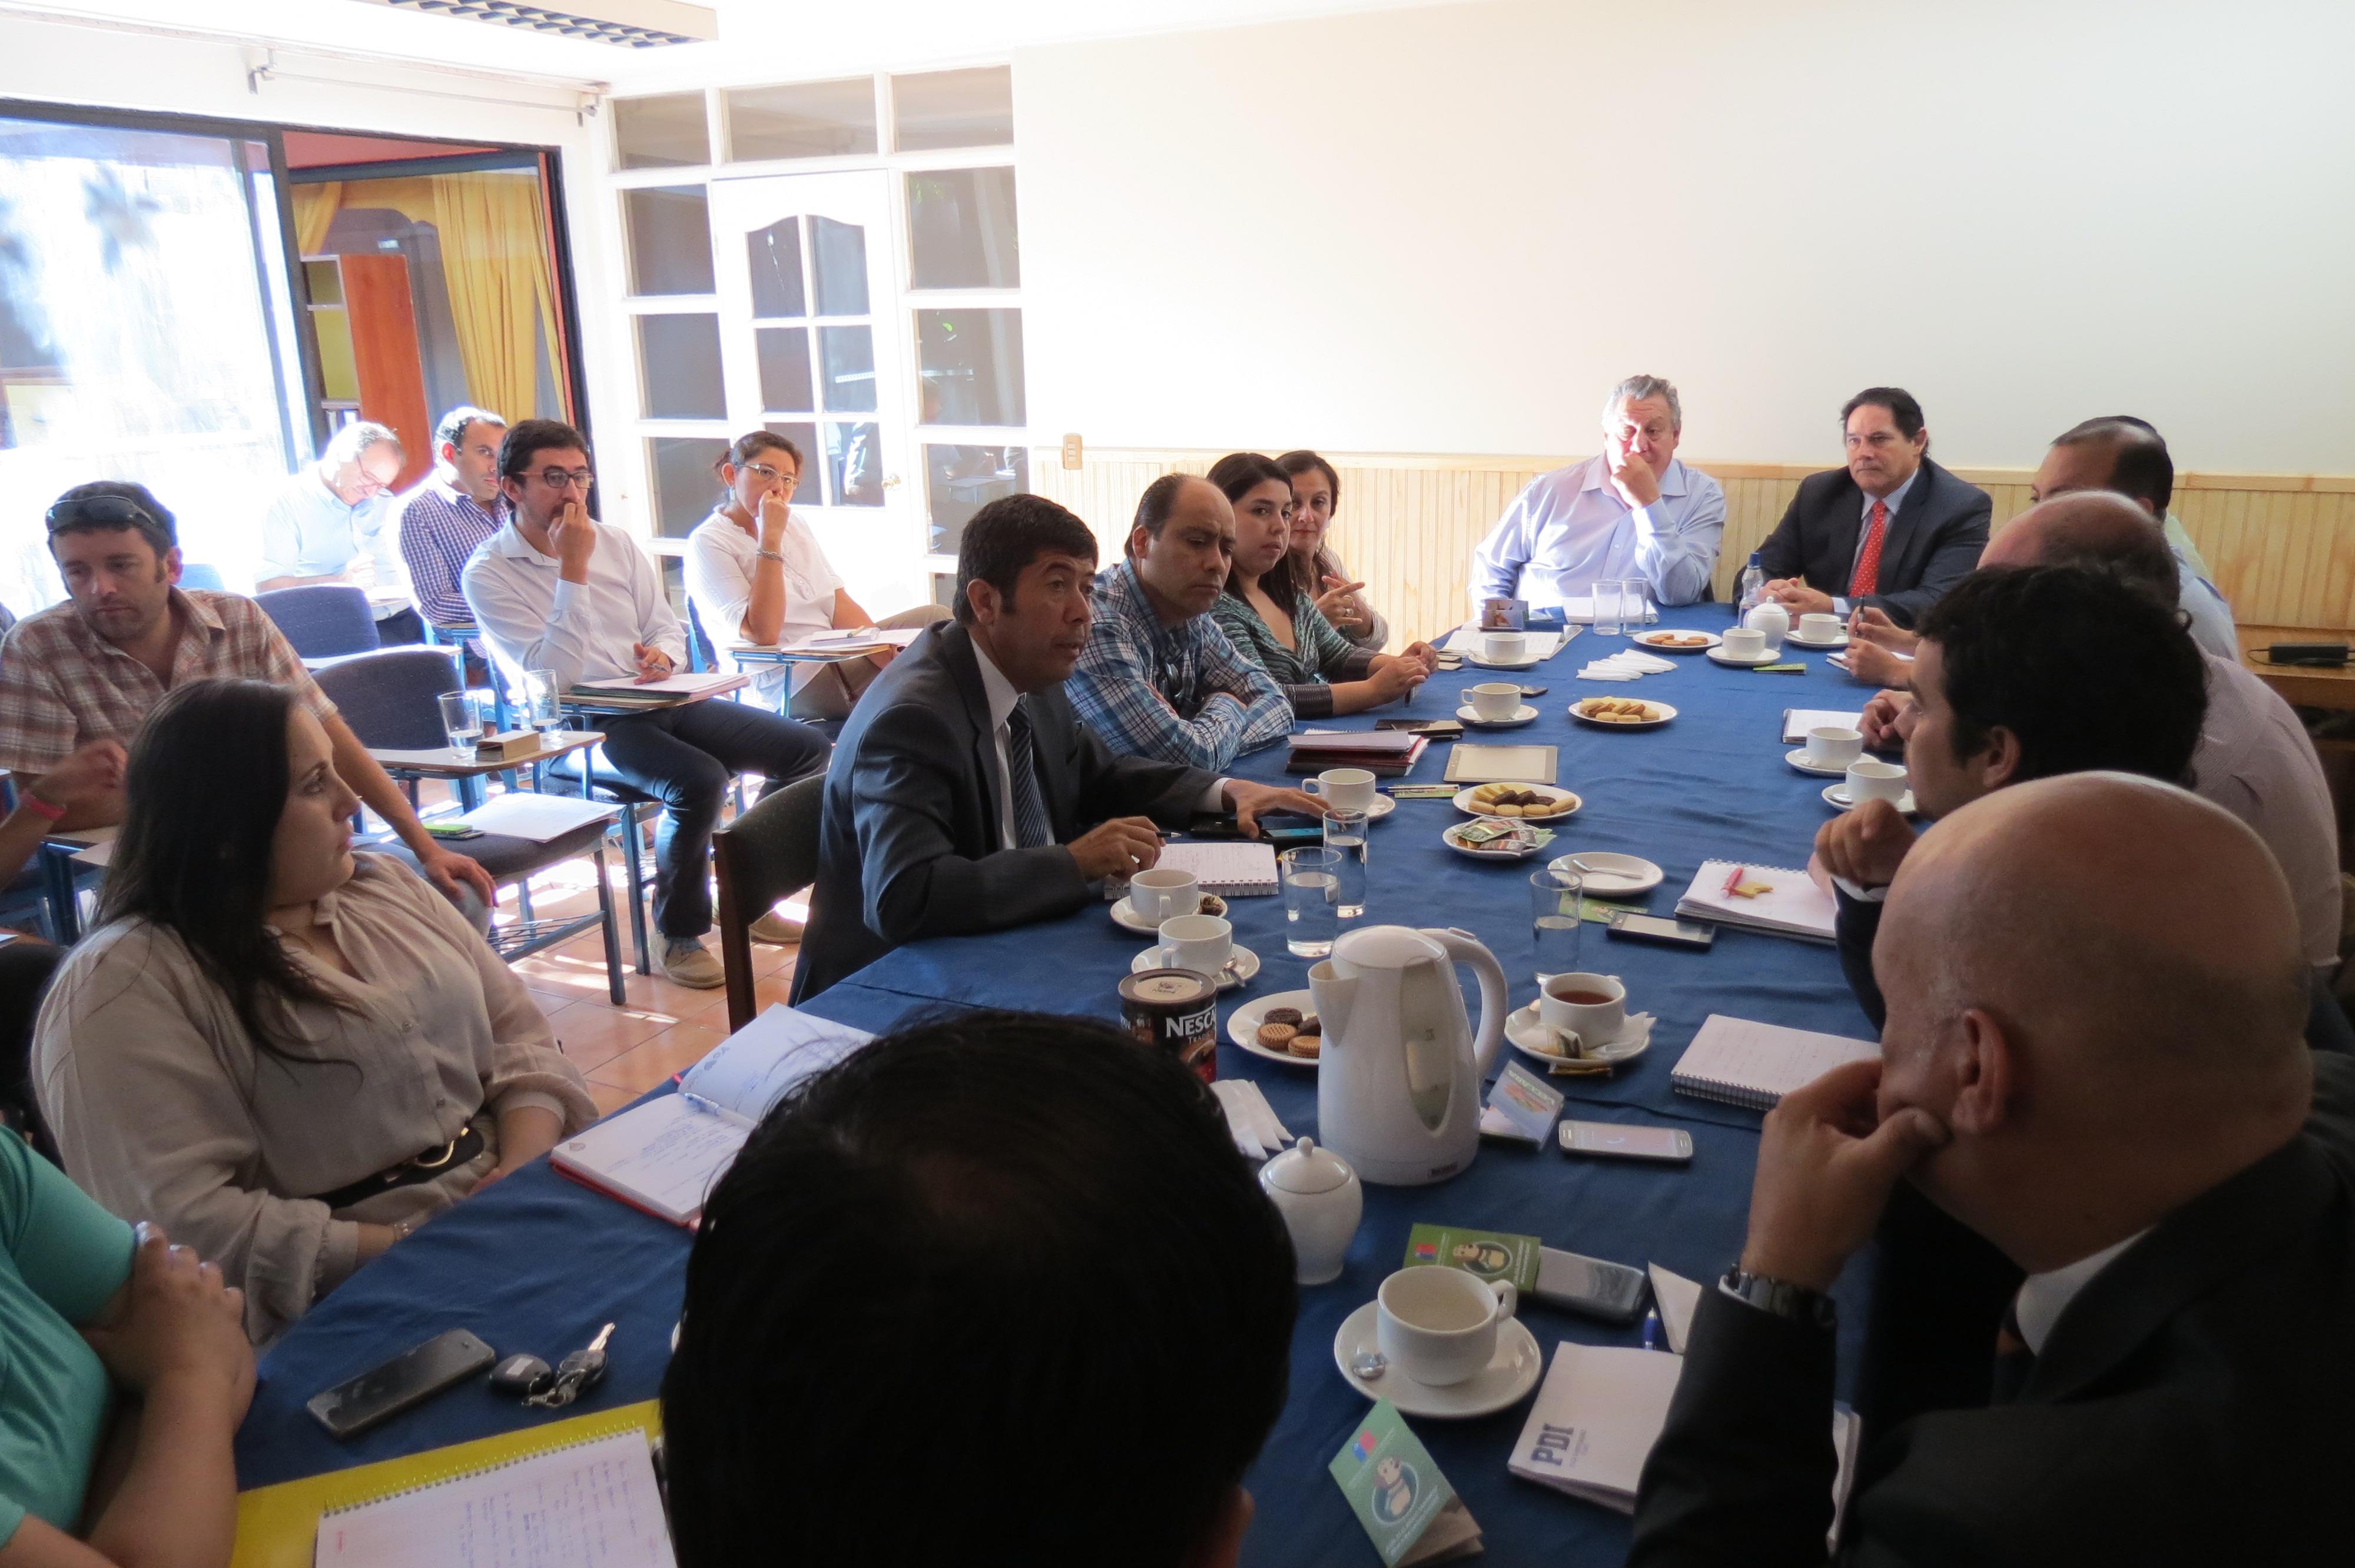 Afinan Detalles para Encuentro Chileno-Argentino